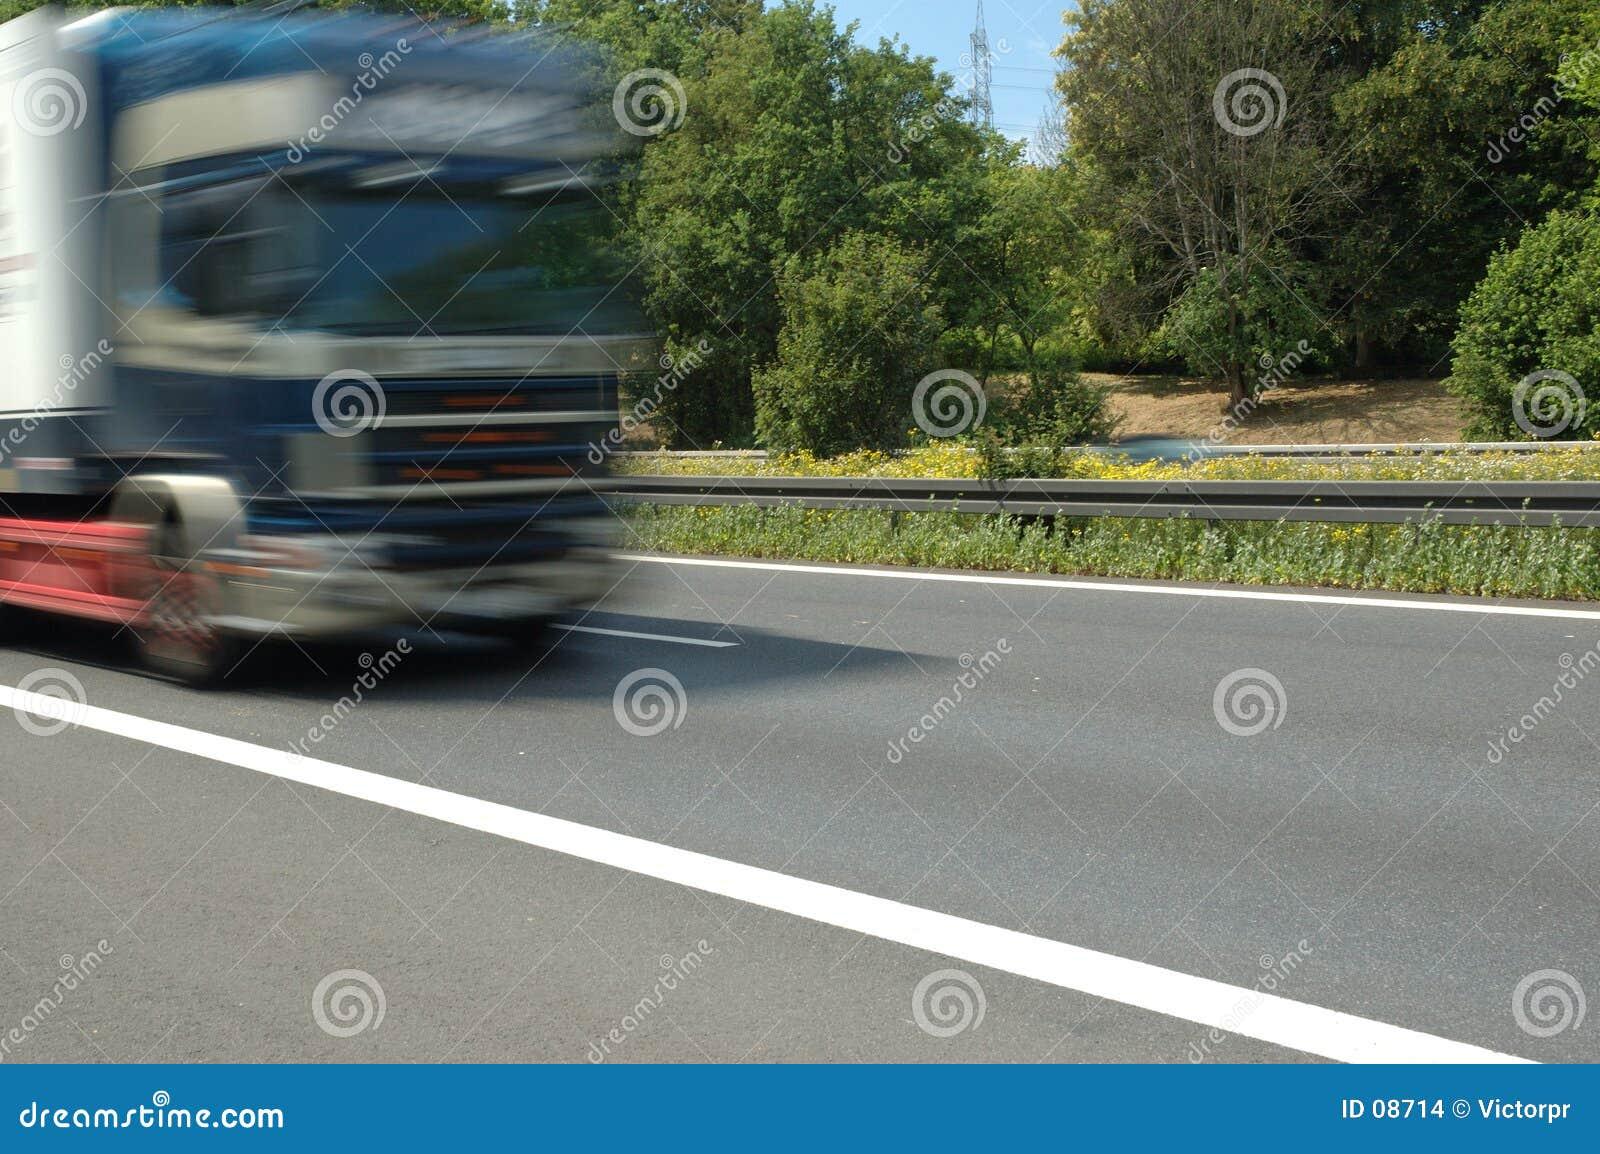 LKW auf der Straße